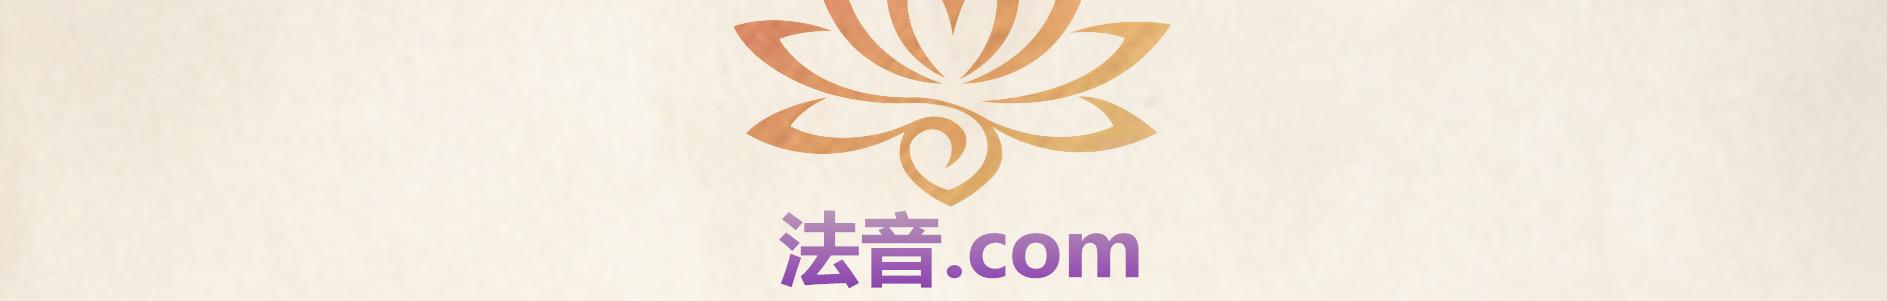 梵呗法音学社 banner